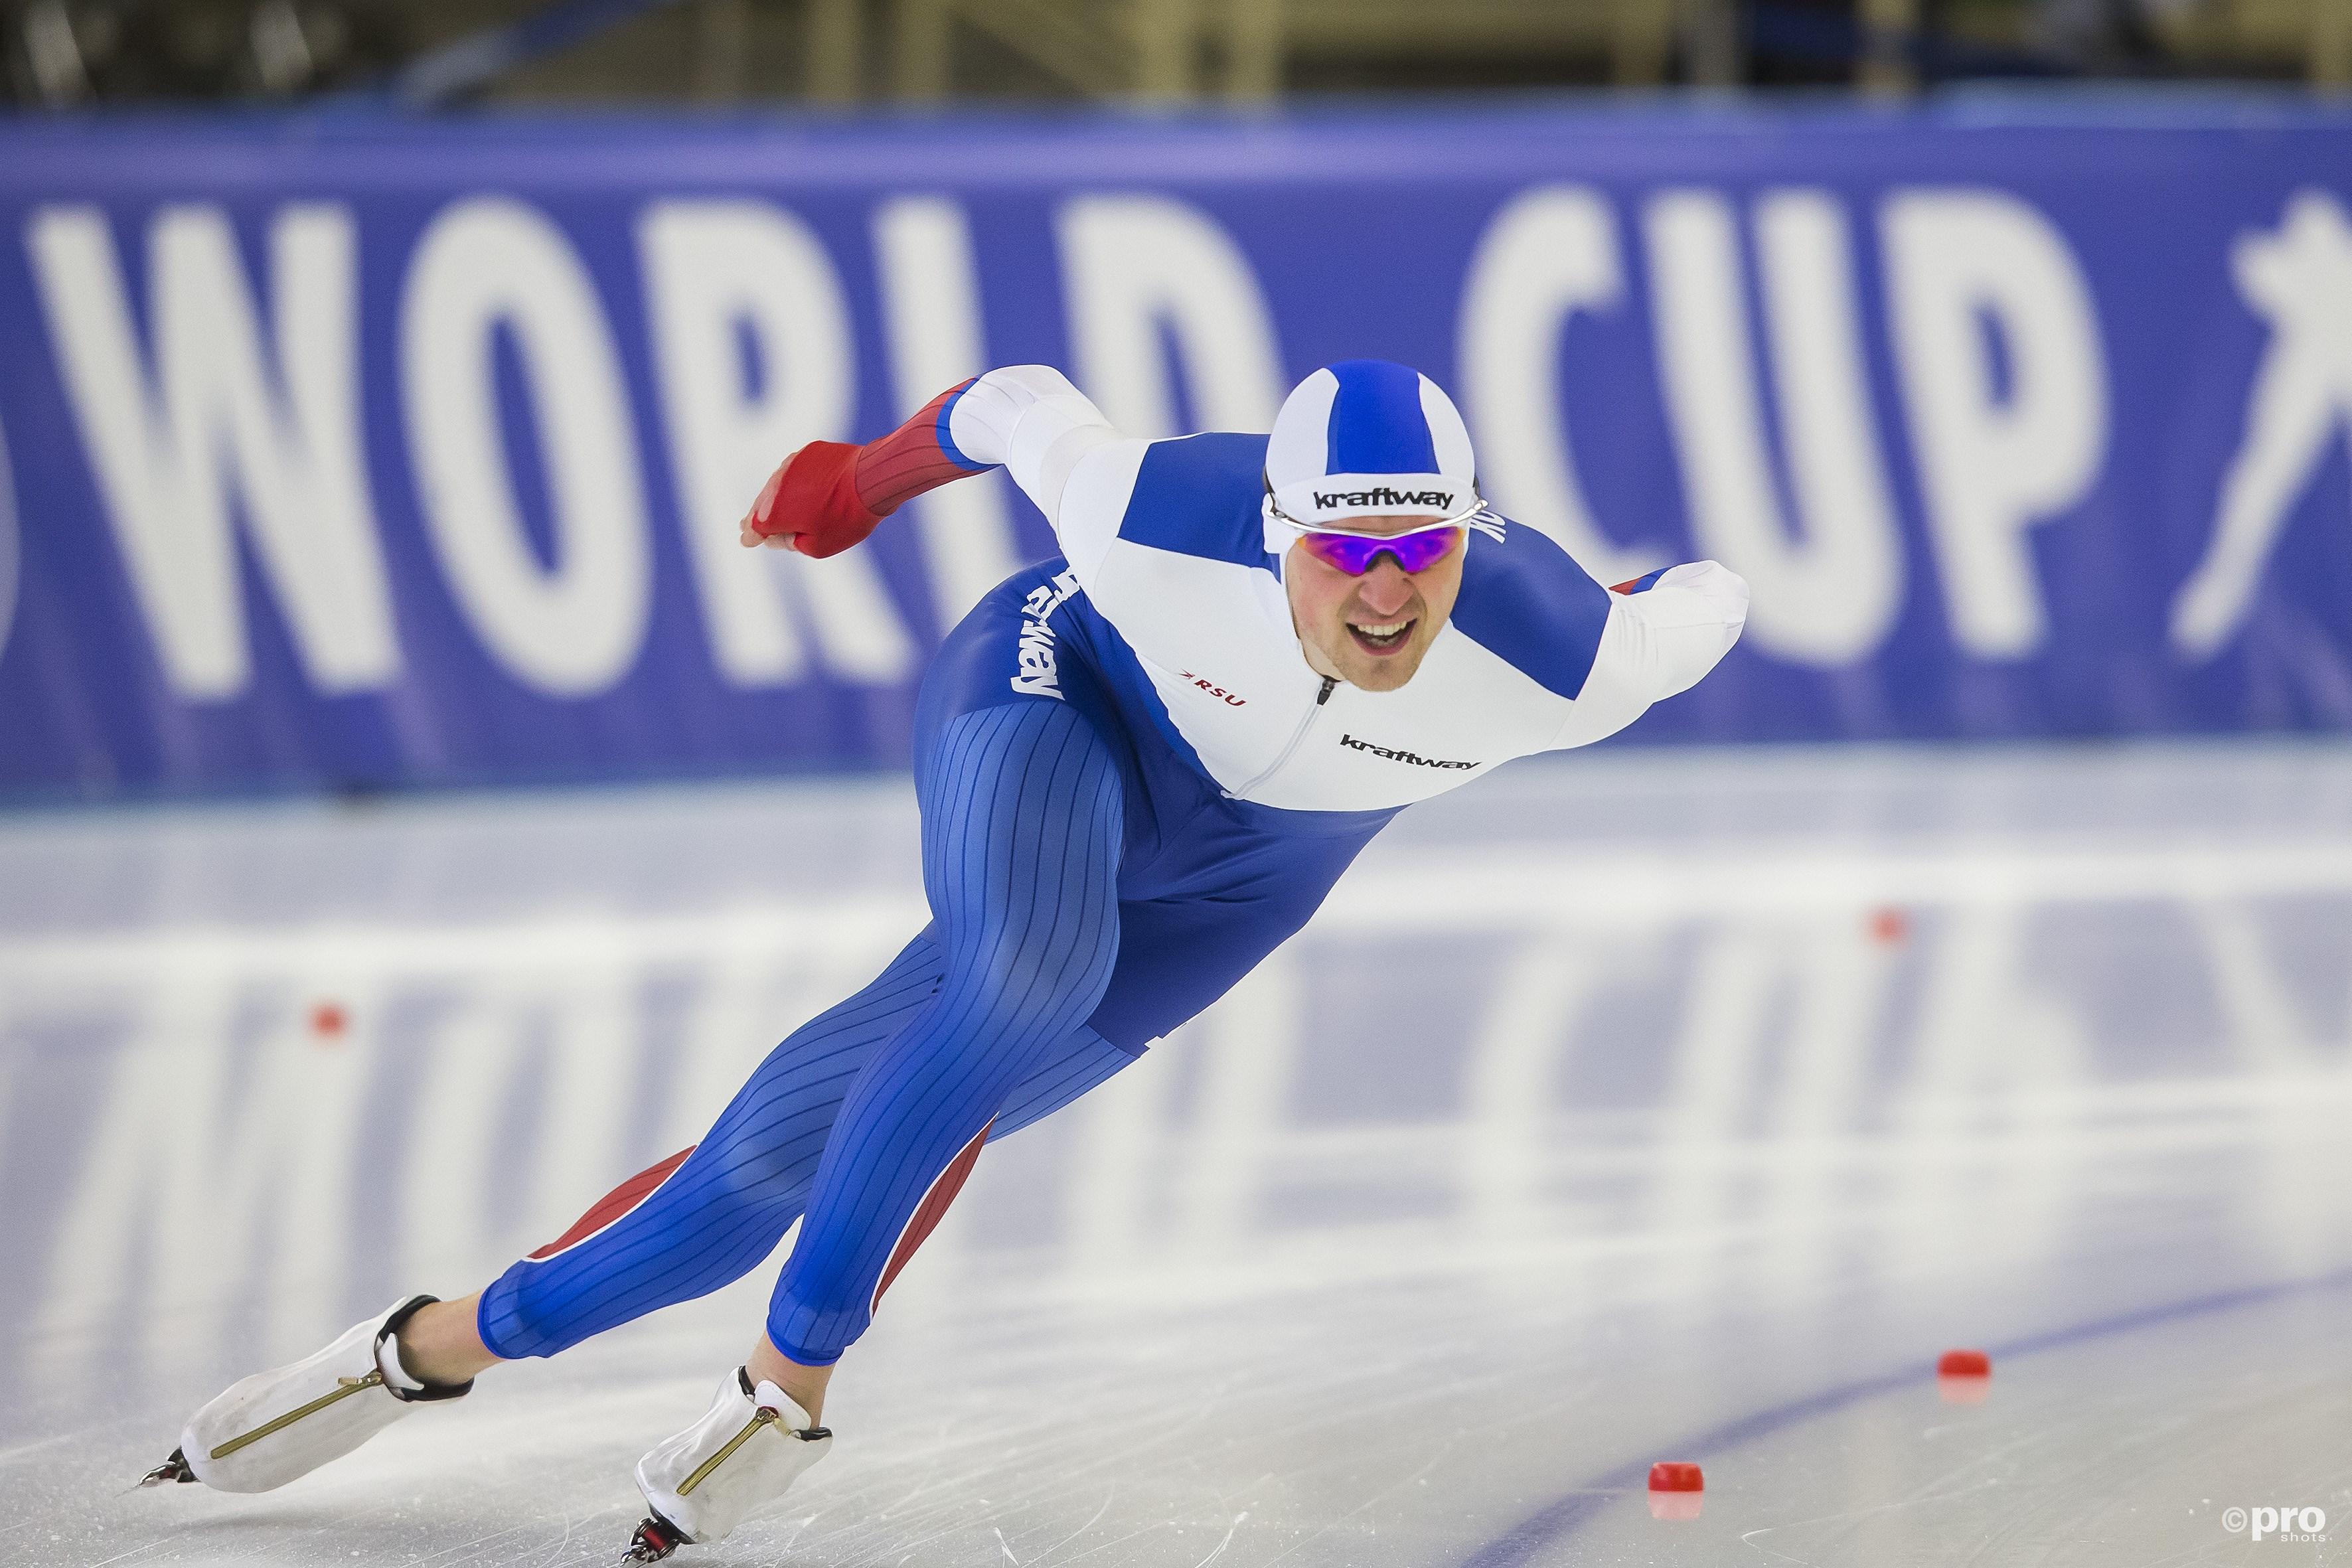 Denis Yuskov zal een stevig duel met Kjeld Nuis uit moeten vechten (Pro Shots/Erik Pasman)